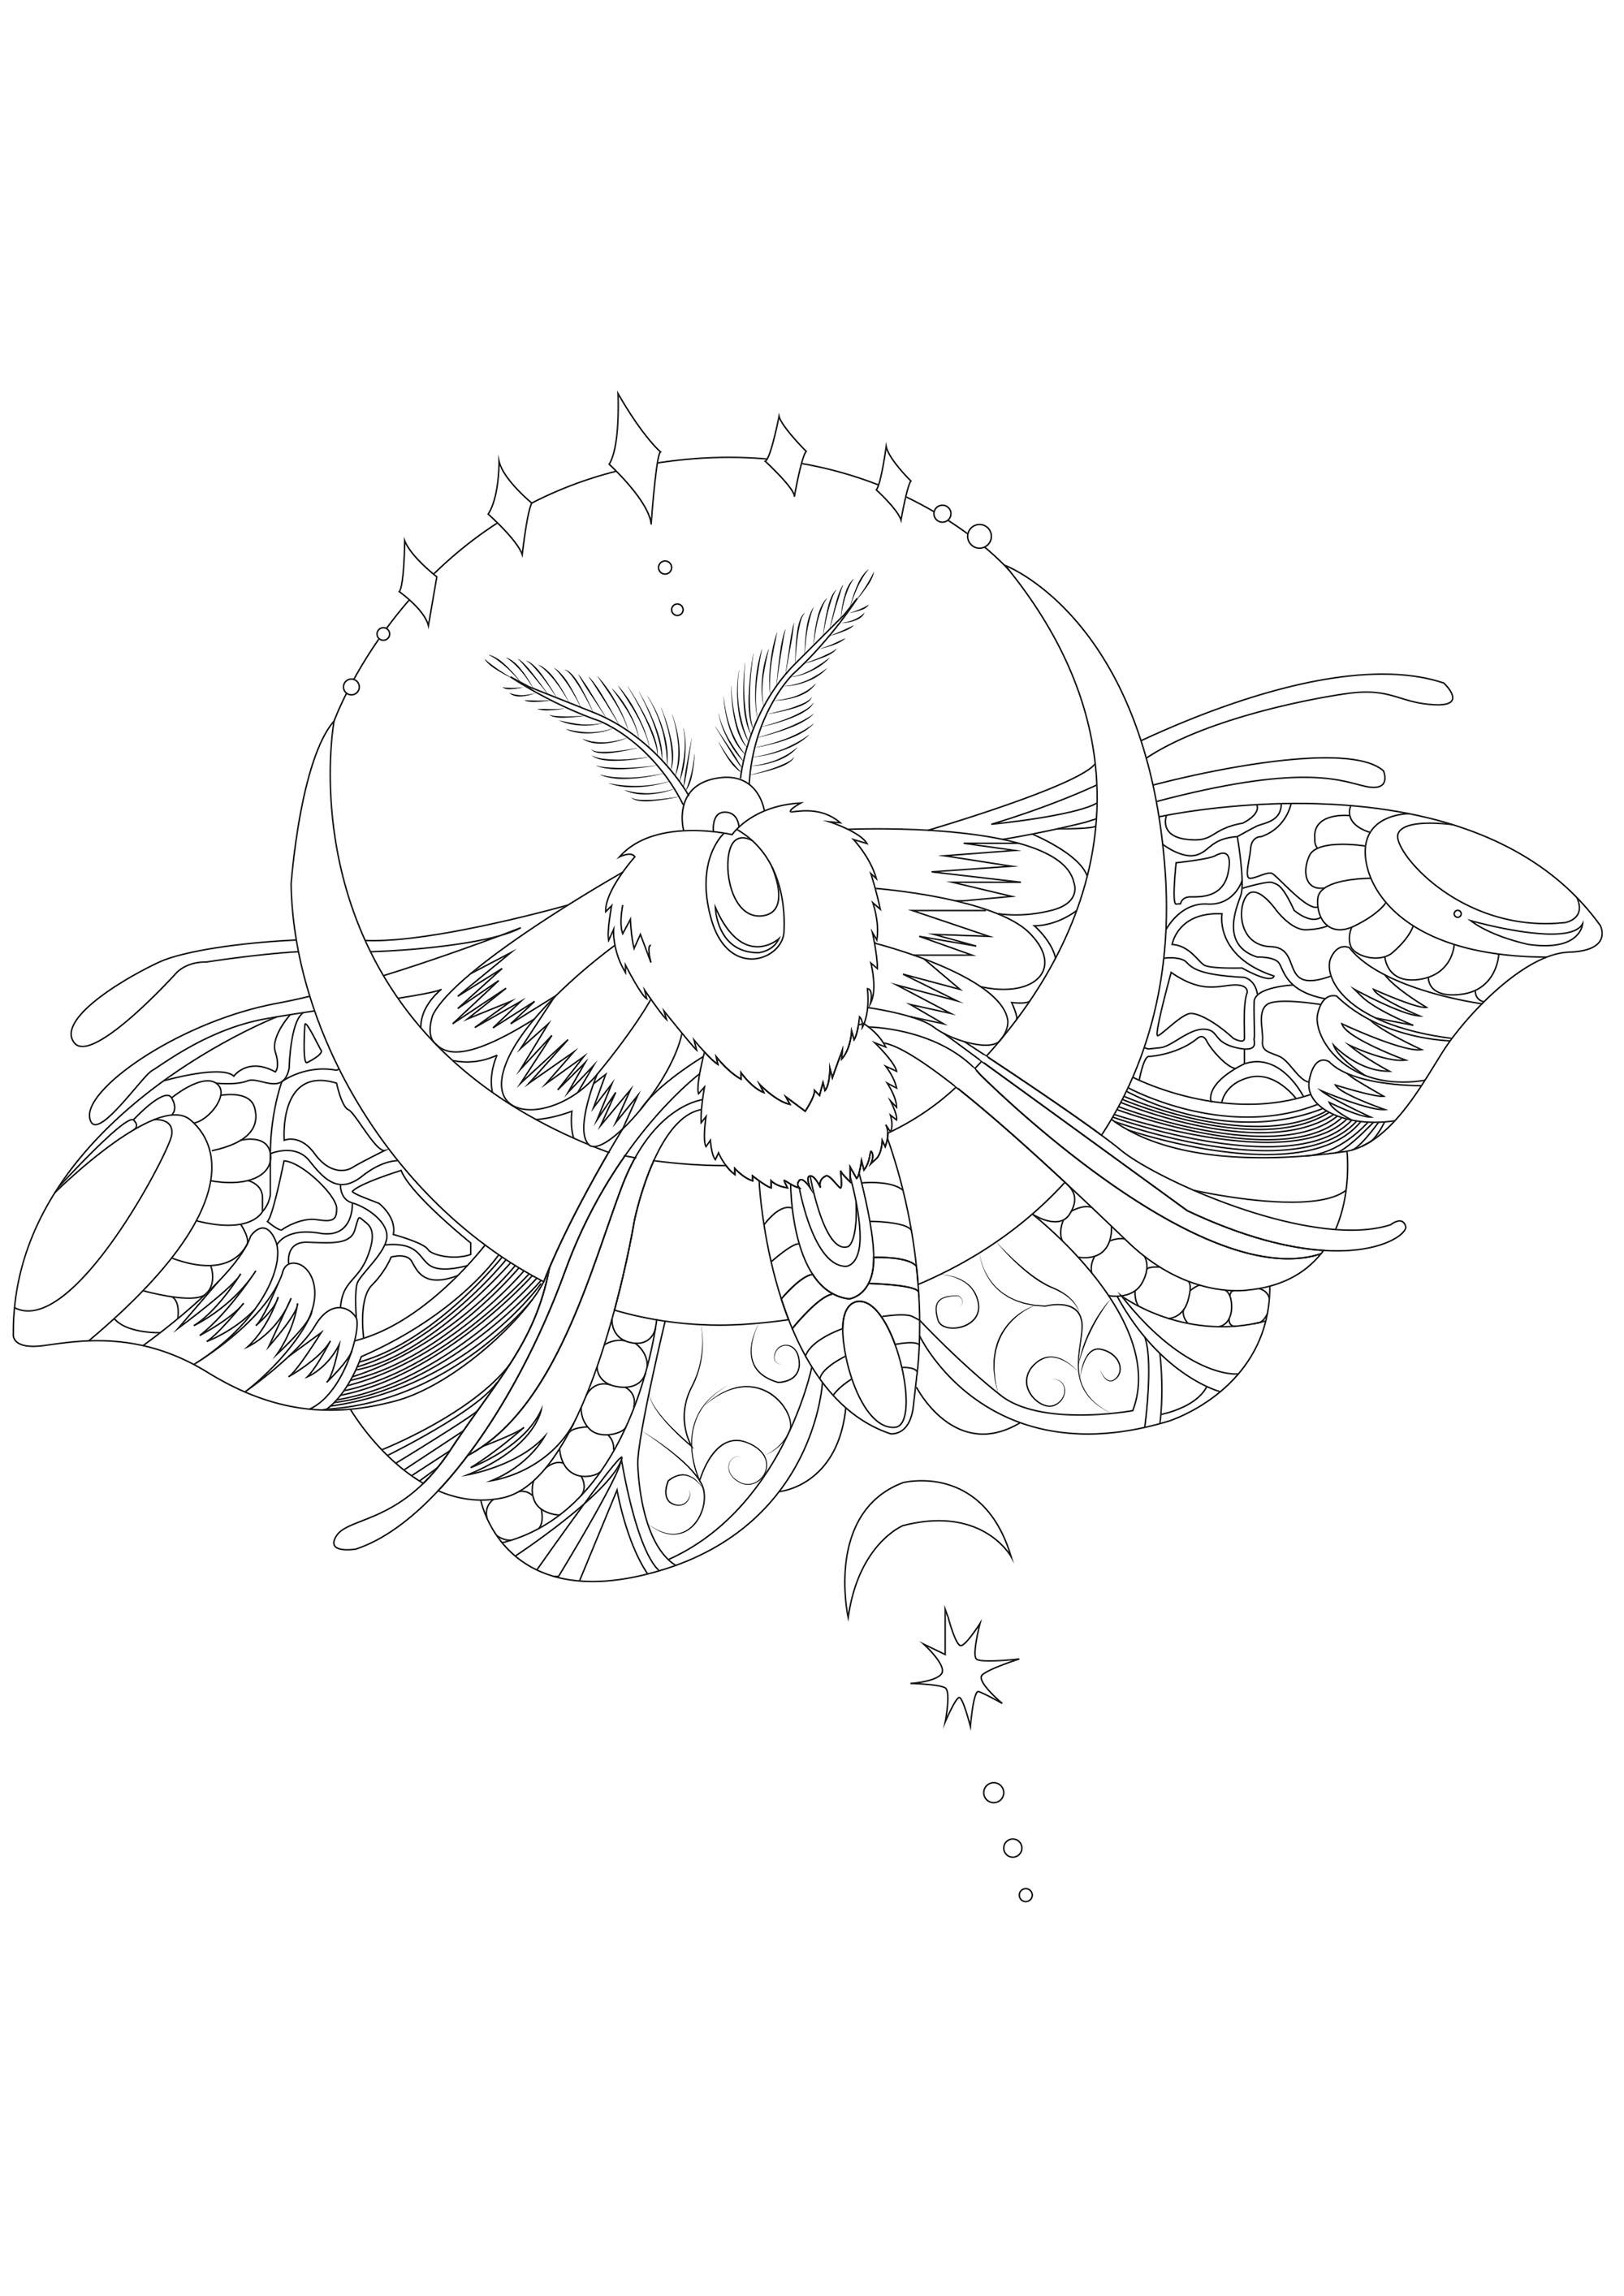 Joli papillon de nuit réaliste avec de jolis détails à colorier